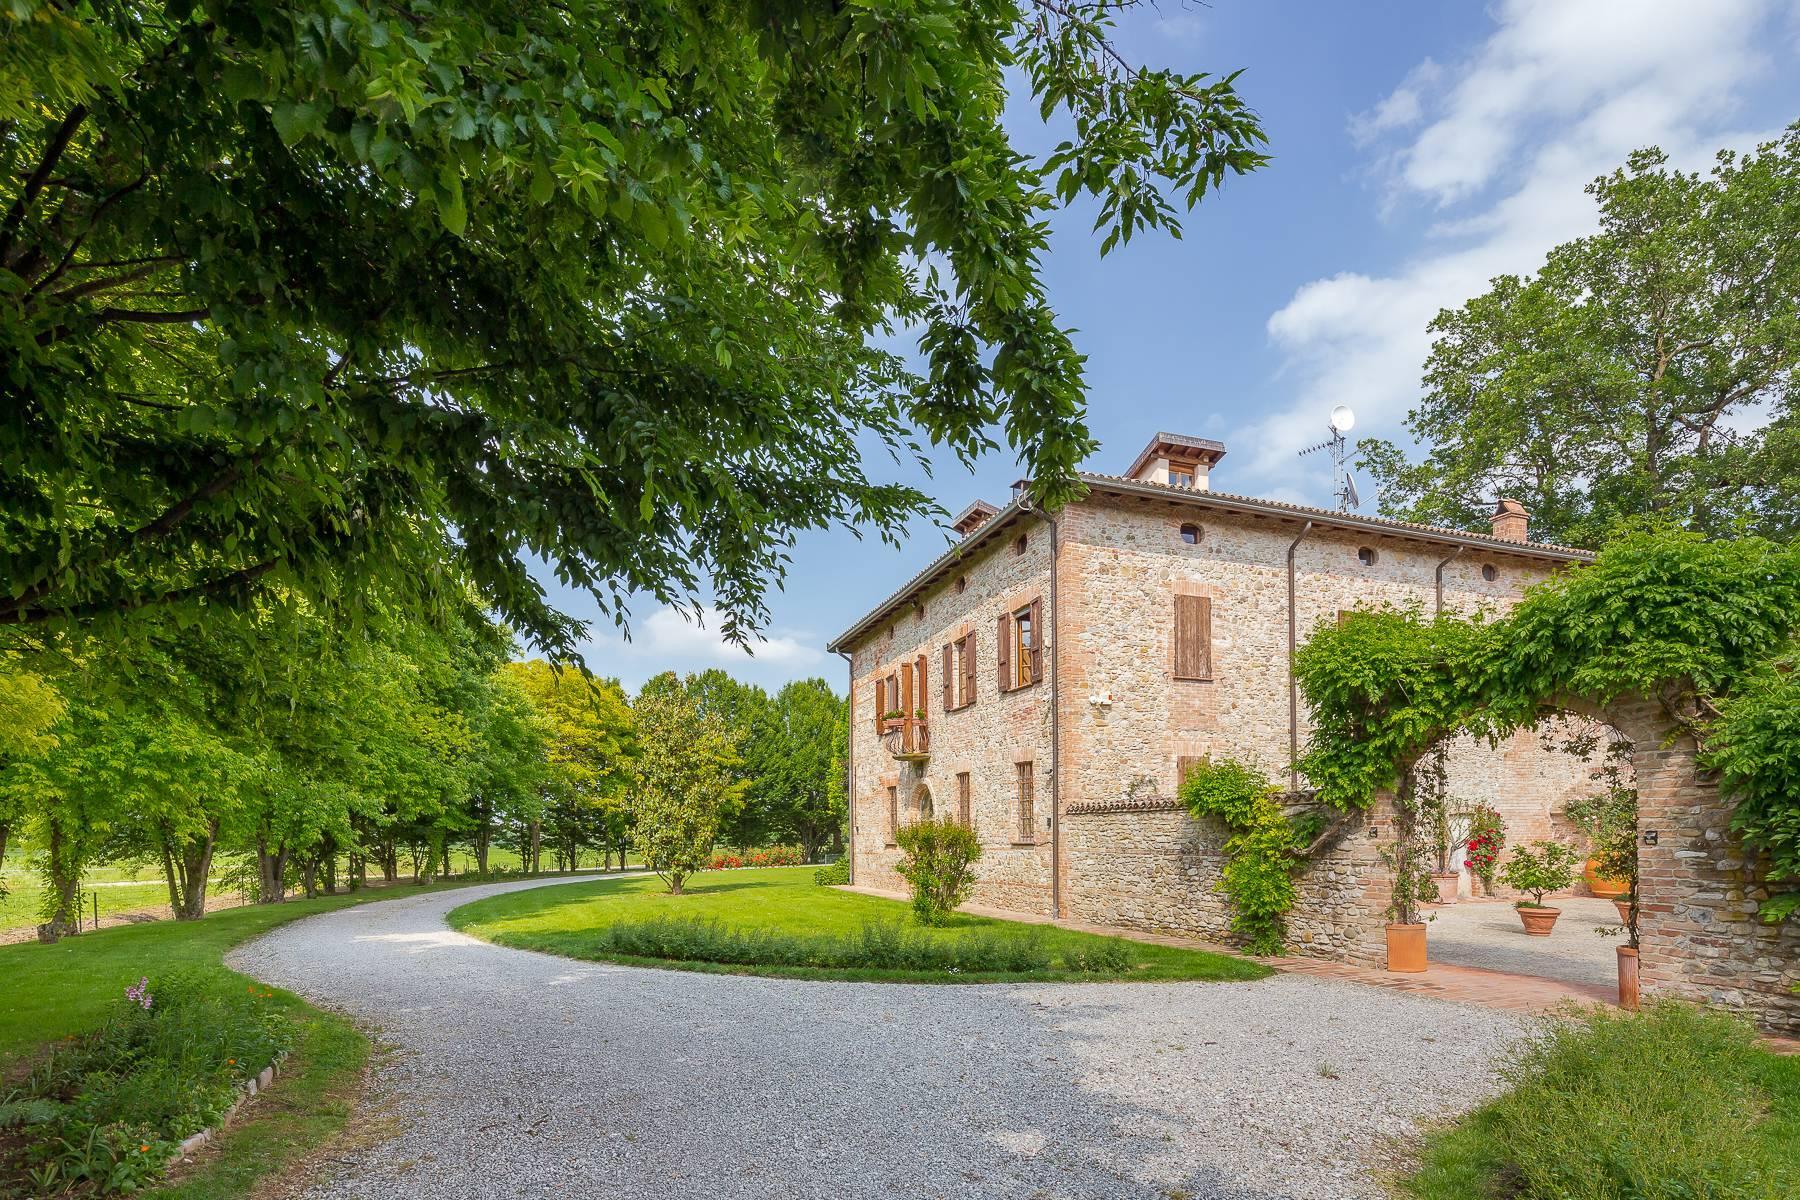 Antikes charmantes Bauernhaus auf den Hügeln von Piacenza - 8